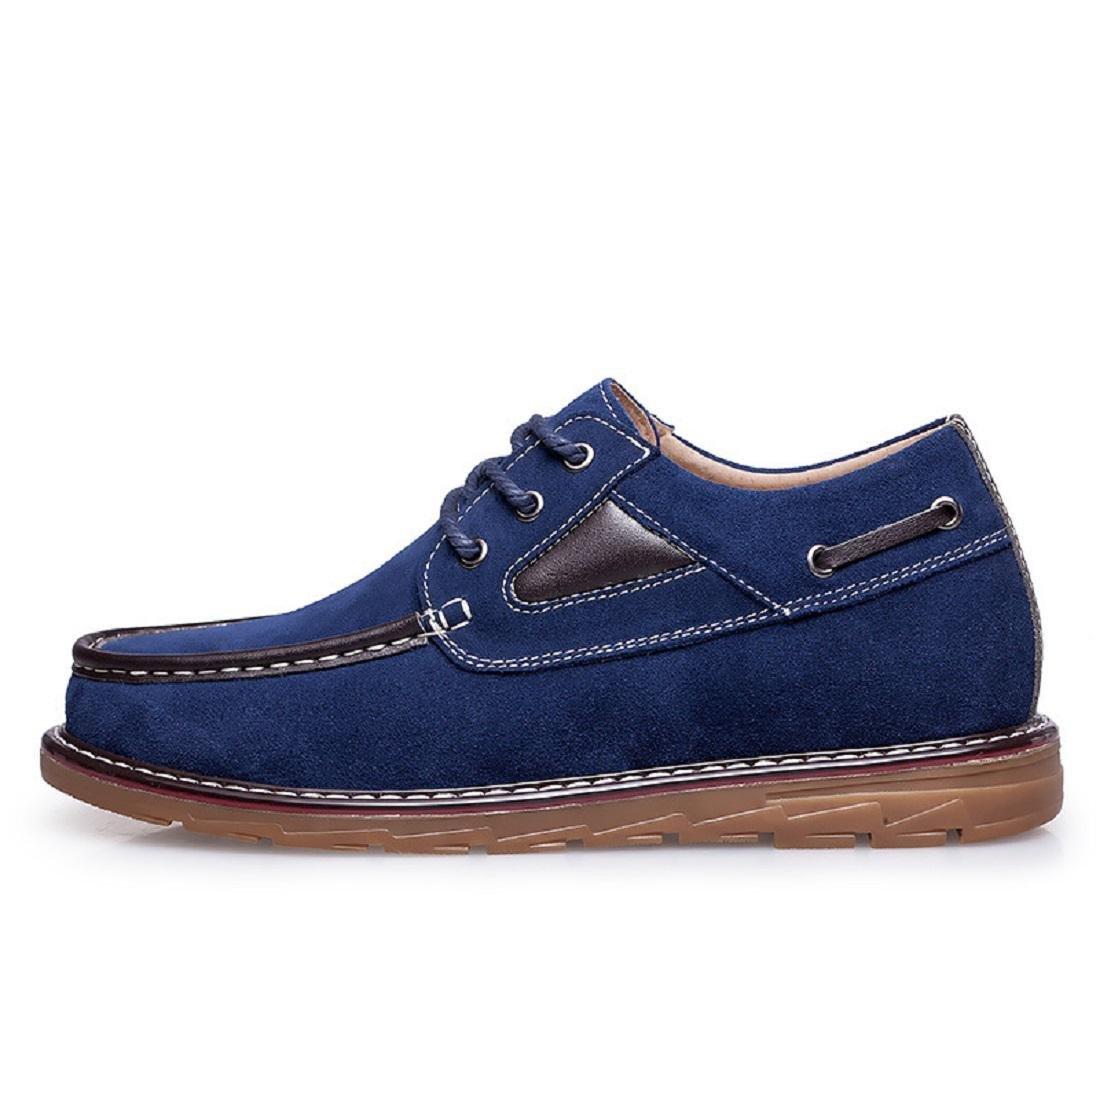 Herren Das neue Lässige Schuhe Freizeit Lederschuhe Werkzeug Schuhe Geschäft Rutschfest Licht Rutschfest Schuhe erhöhen EUR GRÖSSE 38-46